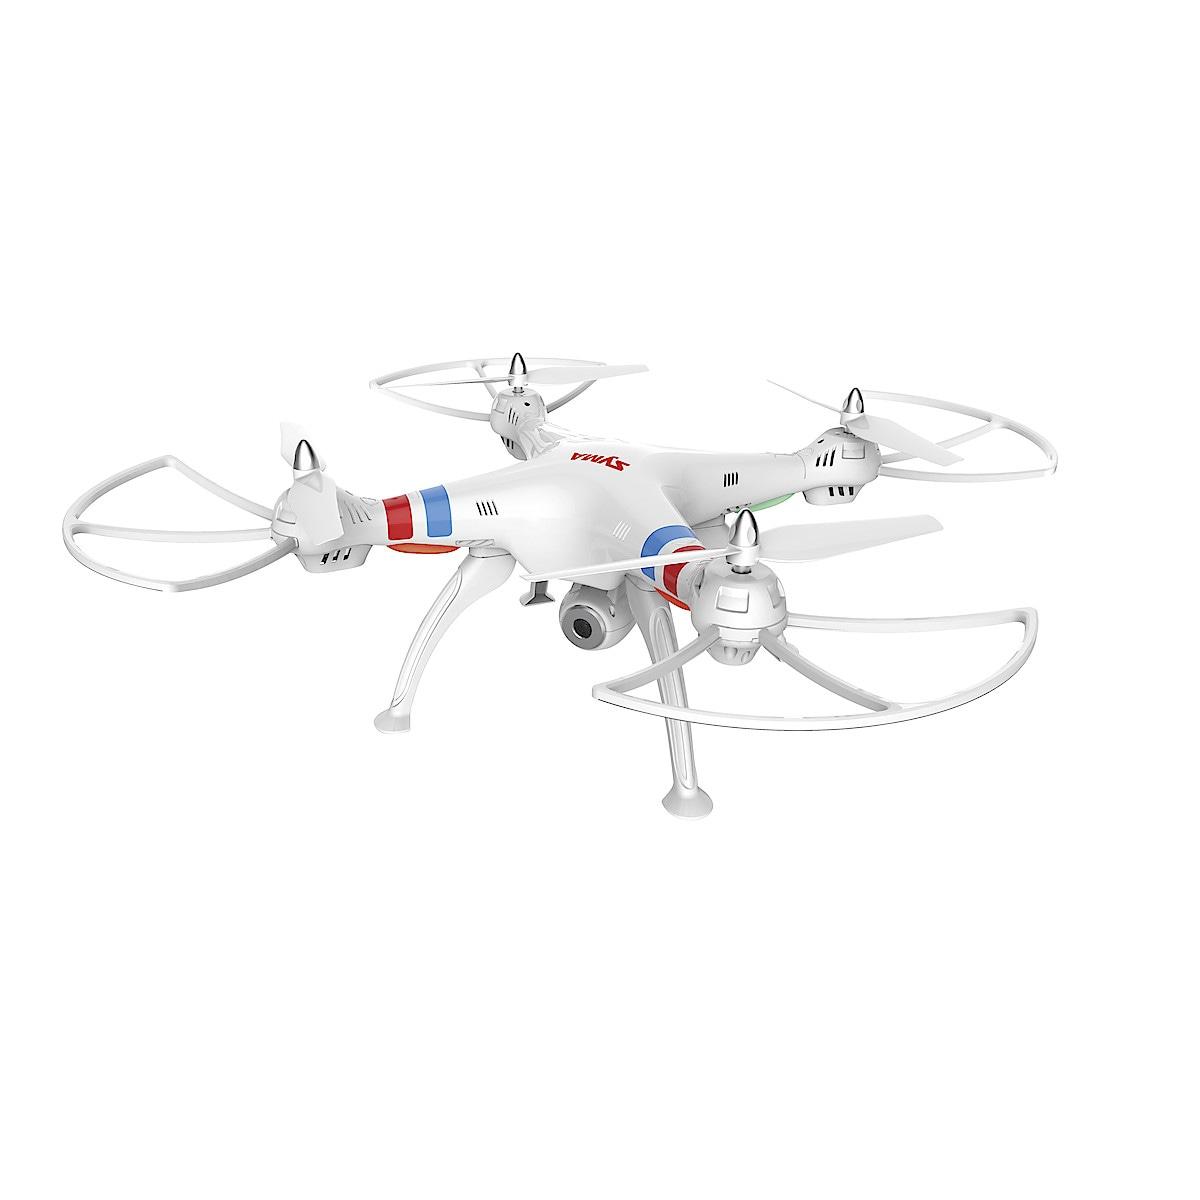 Syma X8W 2,4 GHz R/C-drone